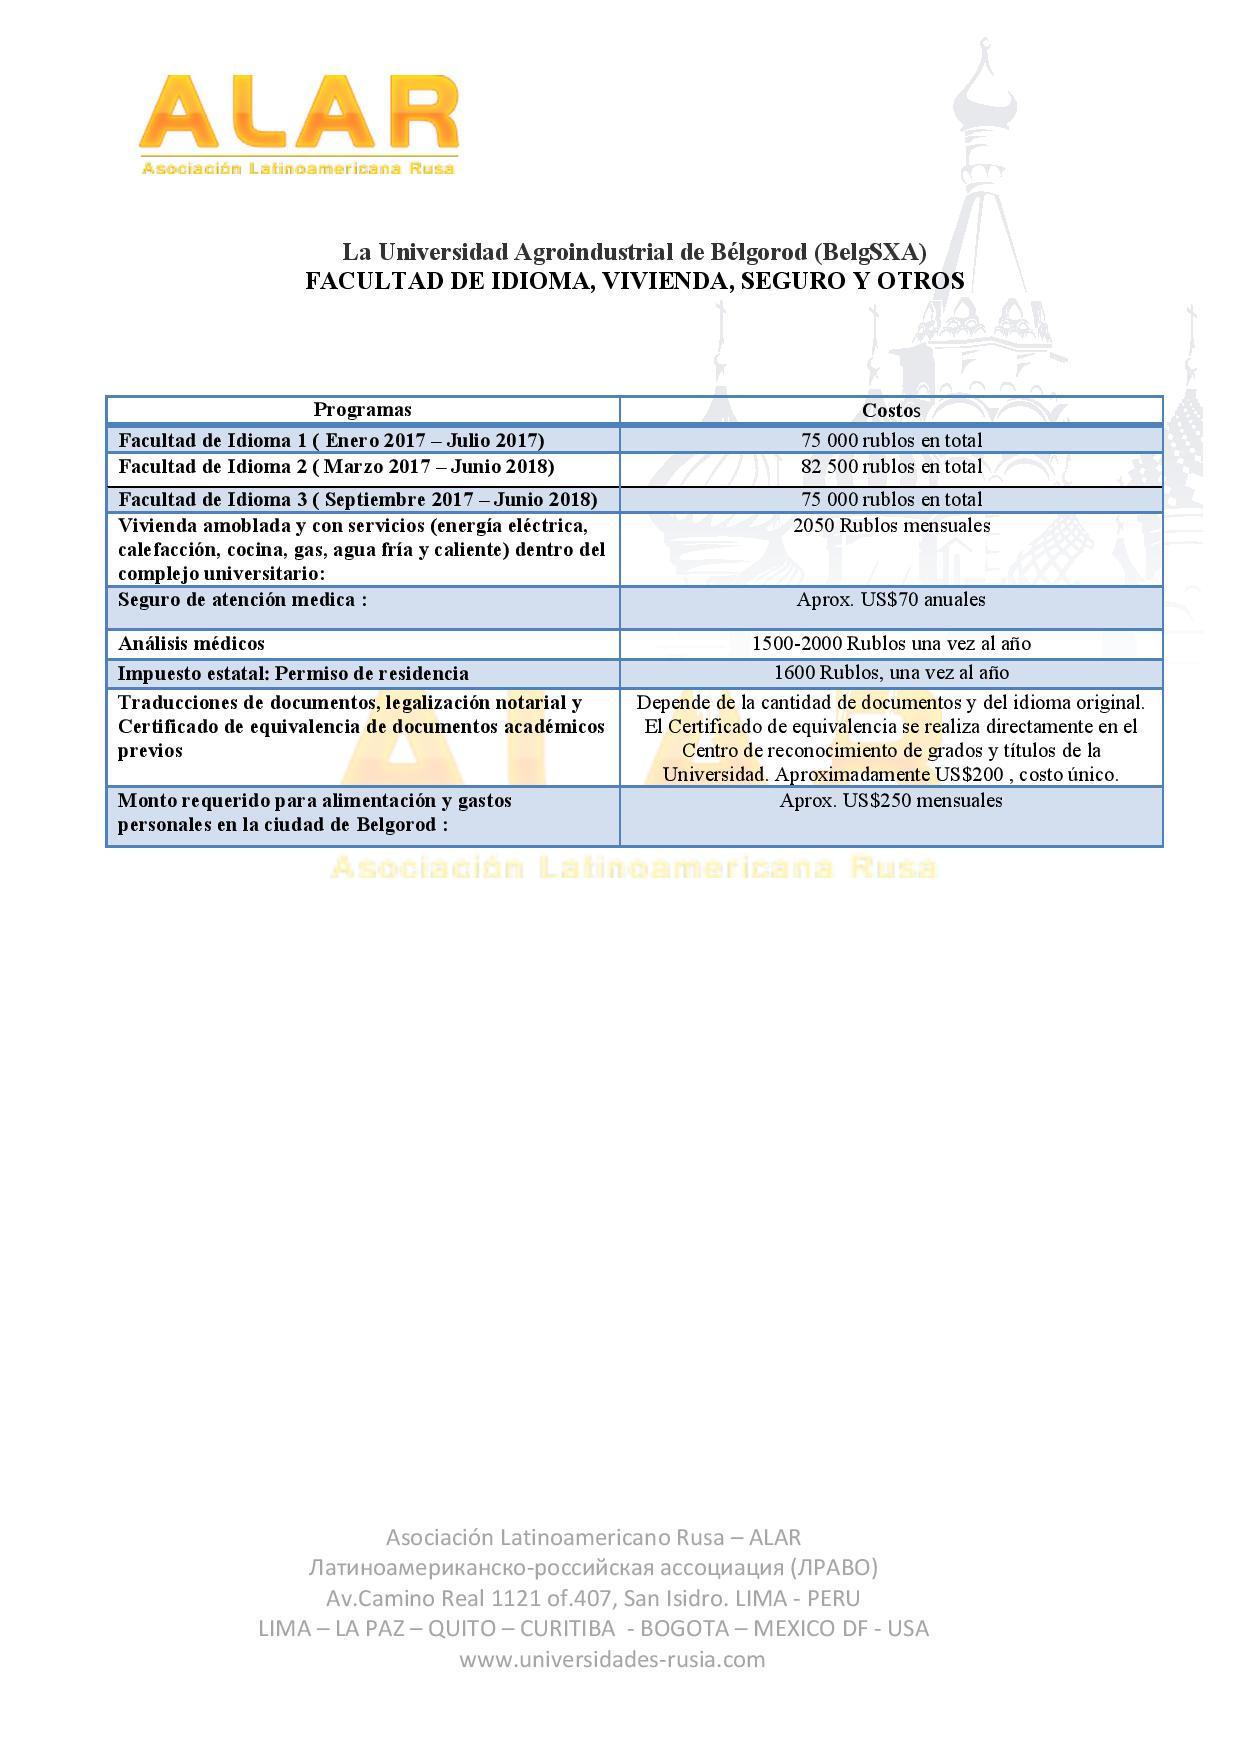 BelGSXA-FI-page-001